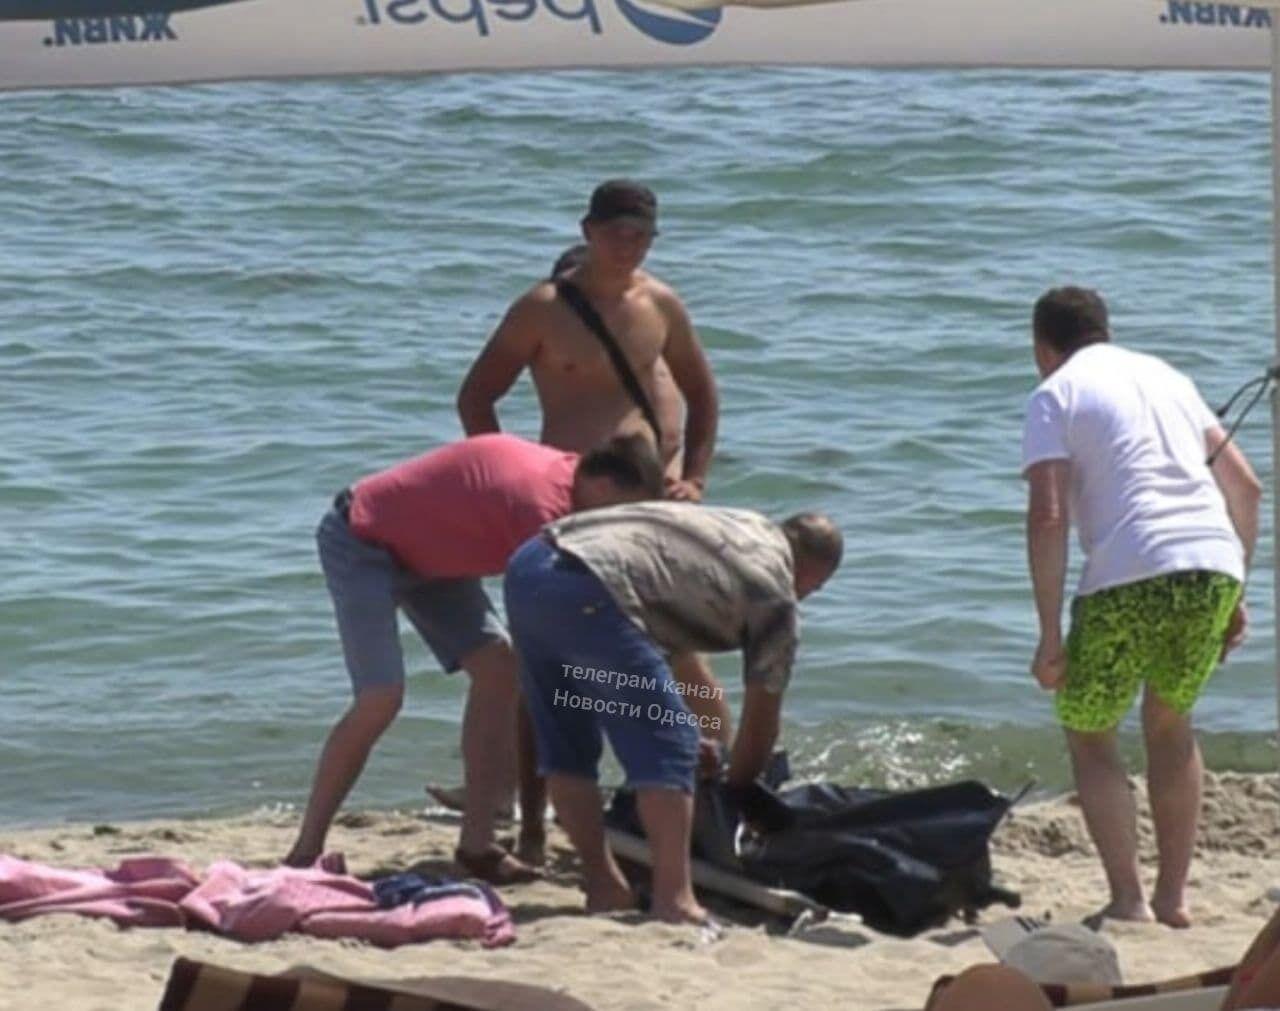 Трагедія трапилася в Чорноморську